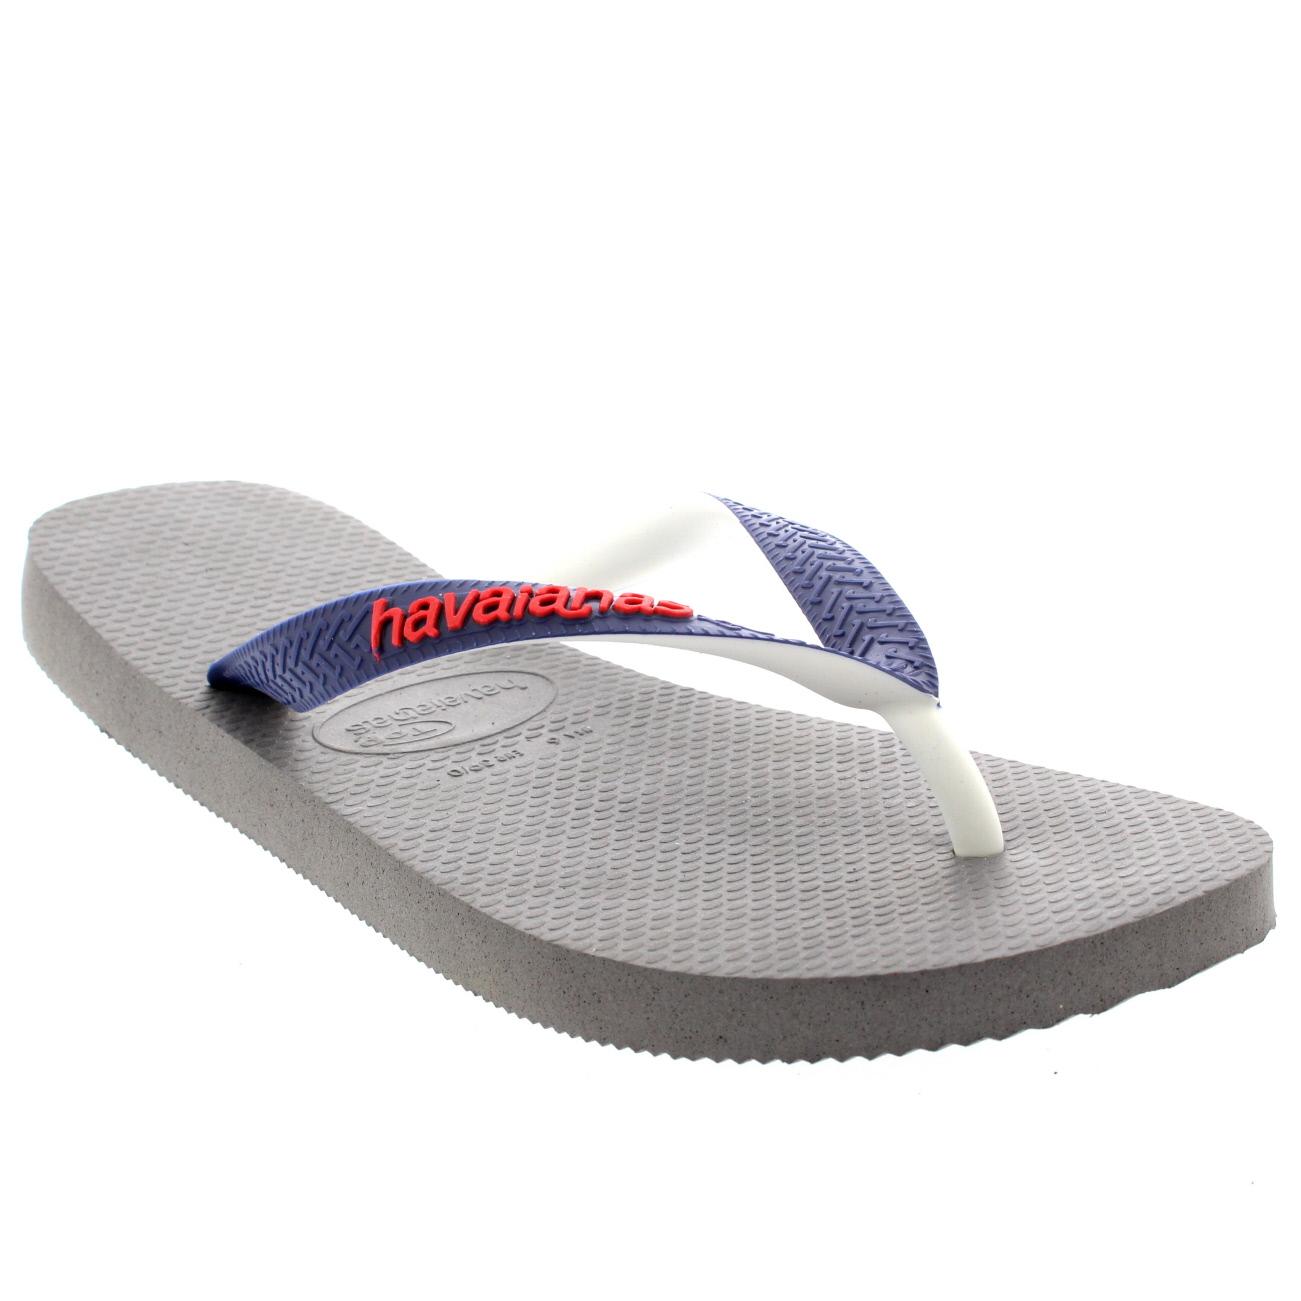 Havaianas Damen Top Mix Lässig Strand Sommer Urlaub Flip Flops Sandalen - Marine/Grau/Grün - 39/40 0ZIjm